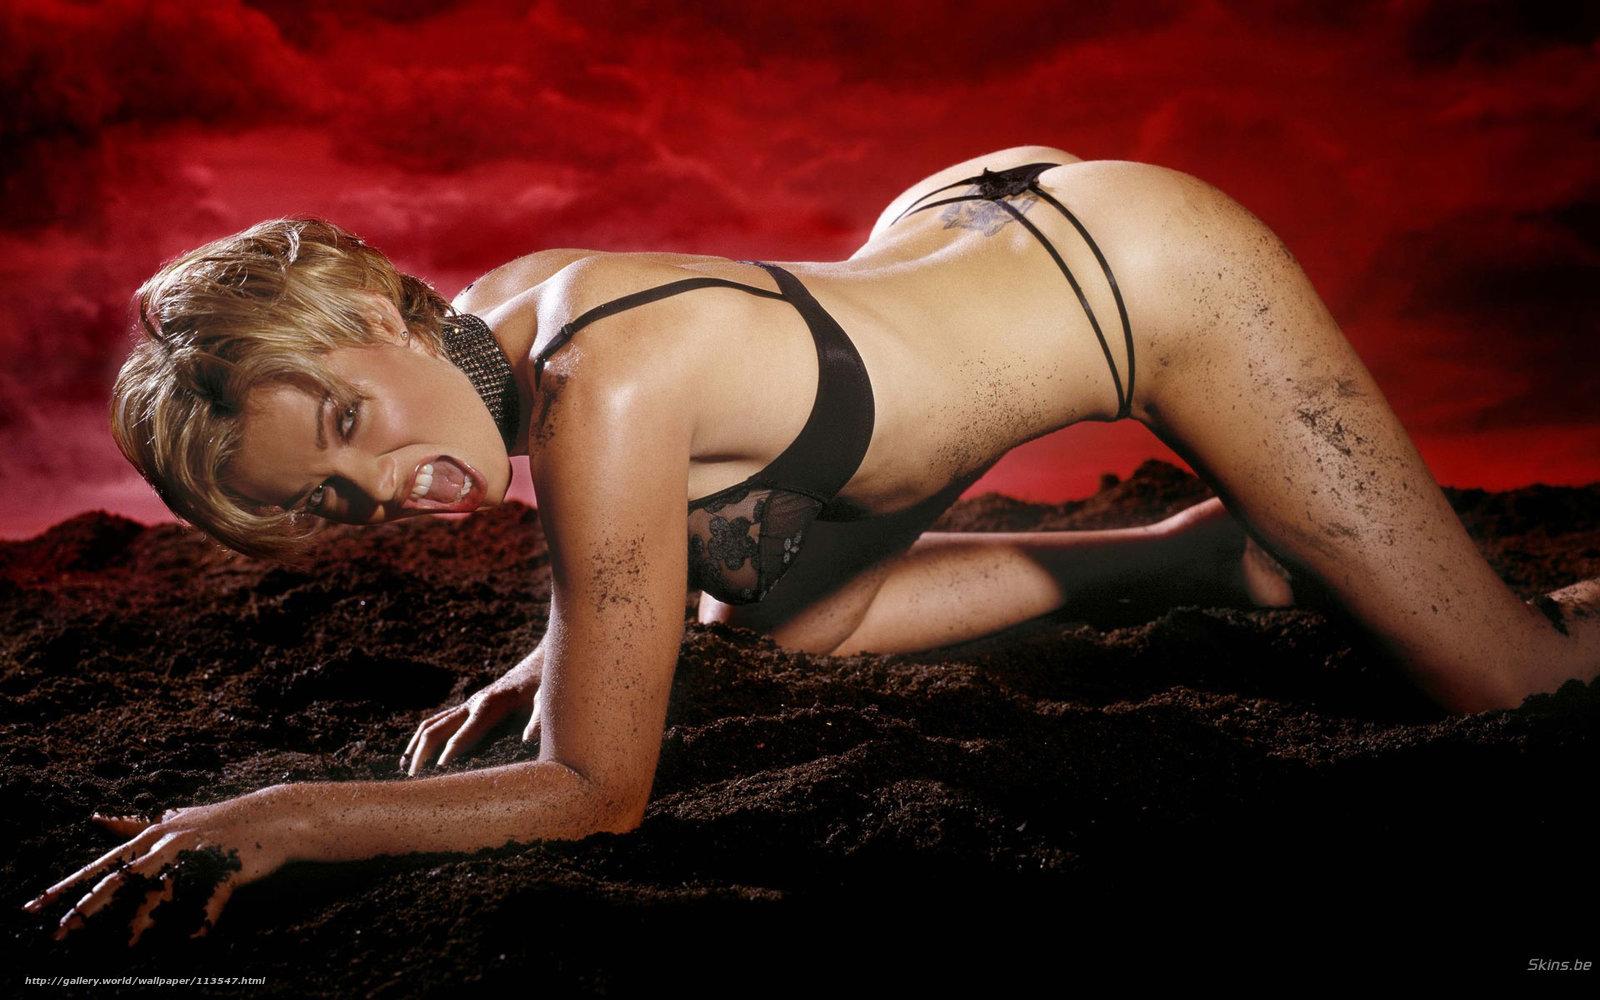 Секс скачки сильно смотреть 8 фотография